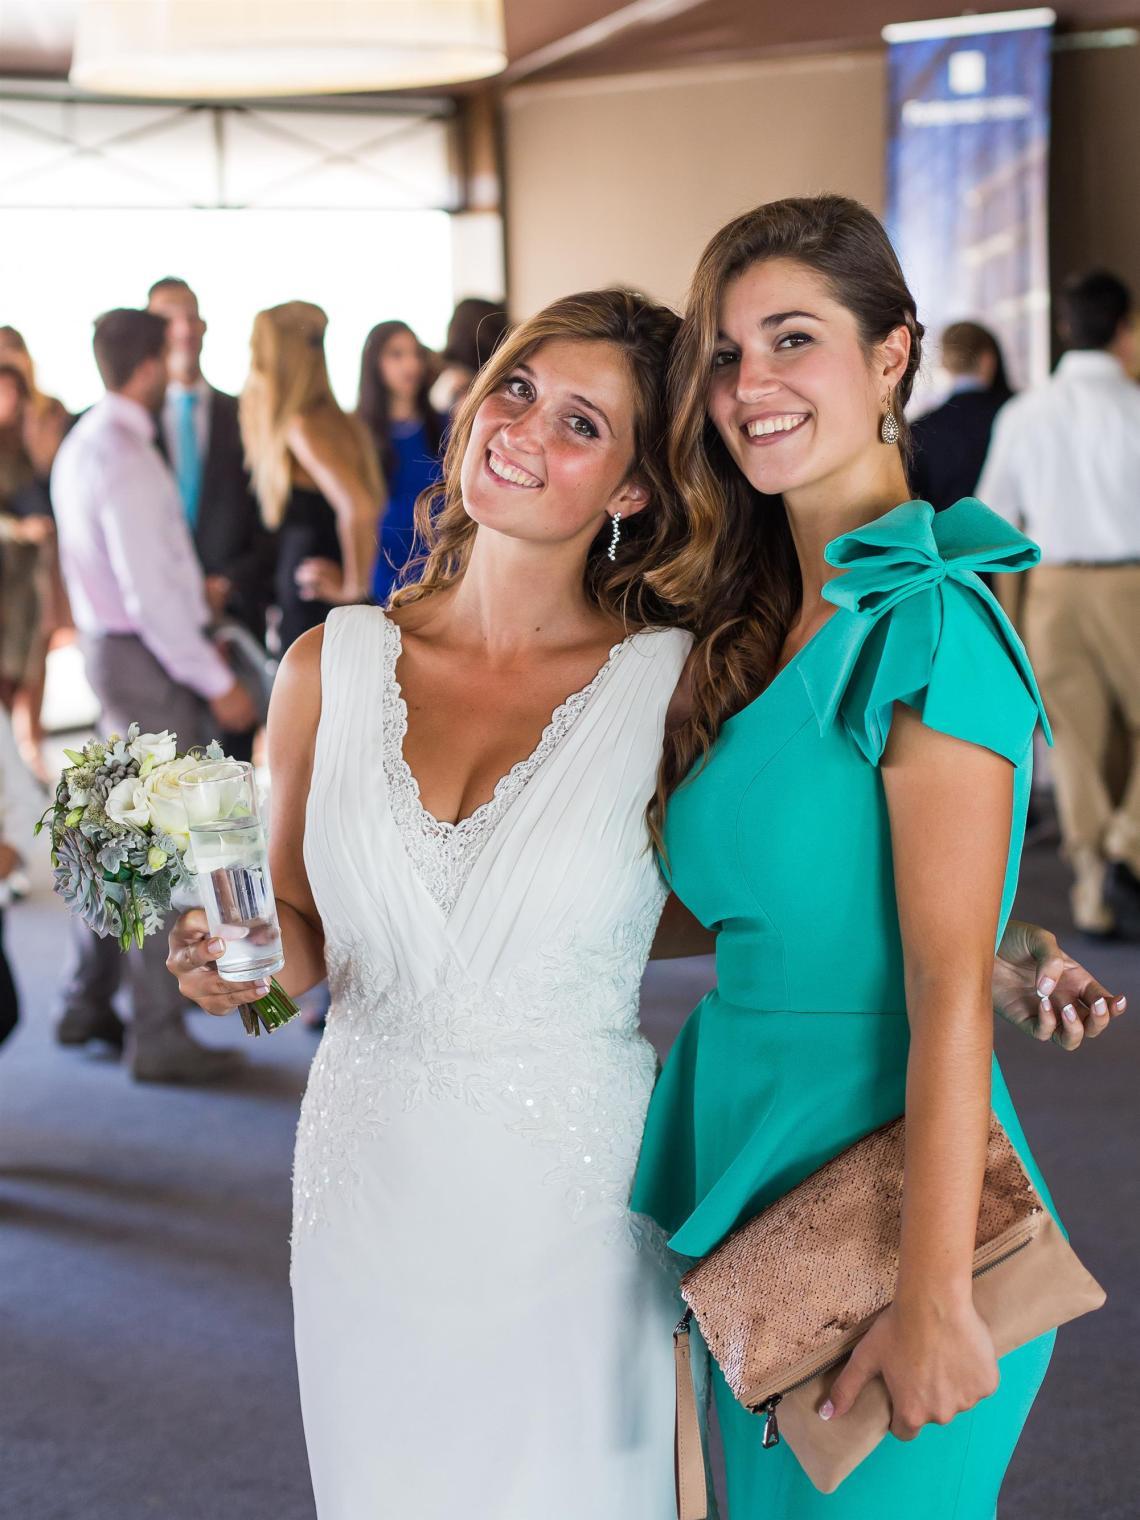 boda-espanola-sueca-ella-se-viste-de-blanco (12)